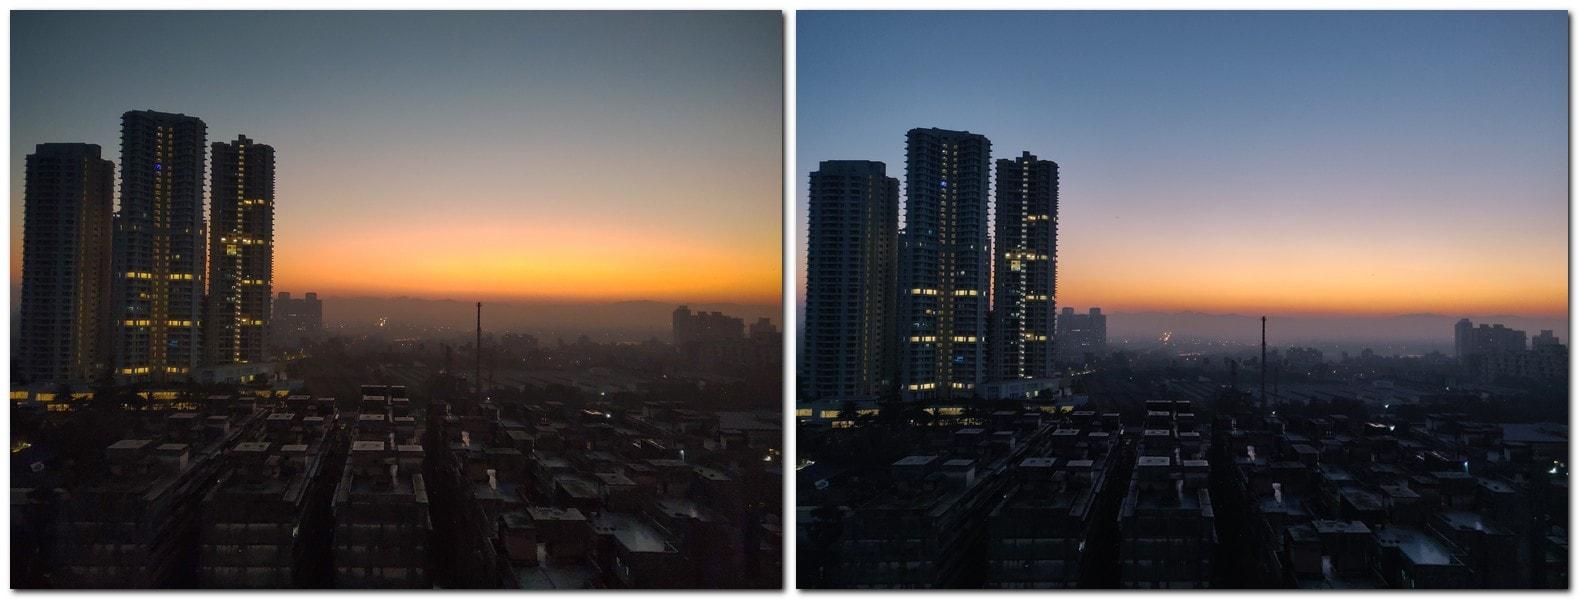 Asus ROG Phone (L) vs OnePlus 6T (R)